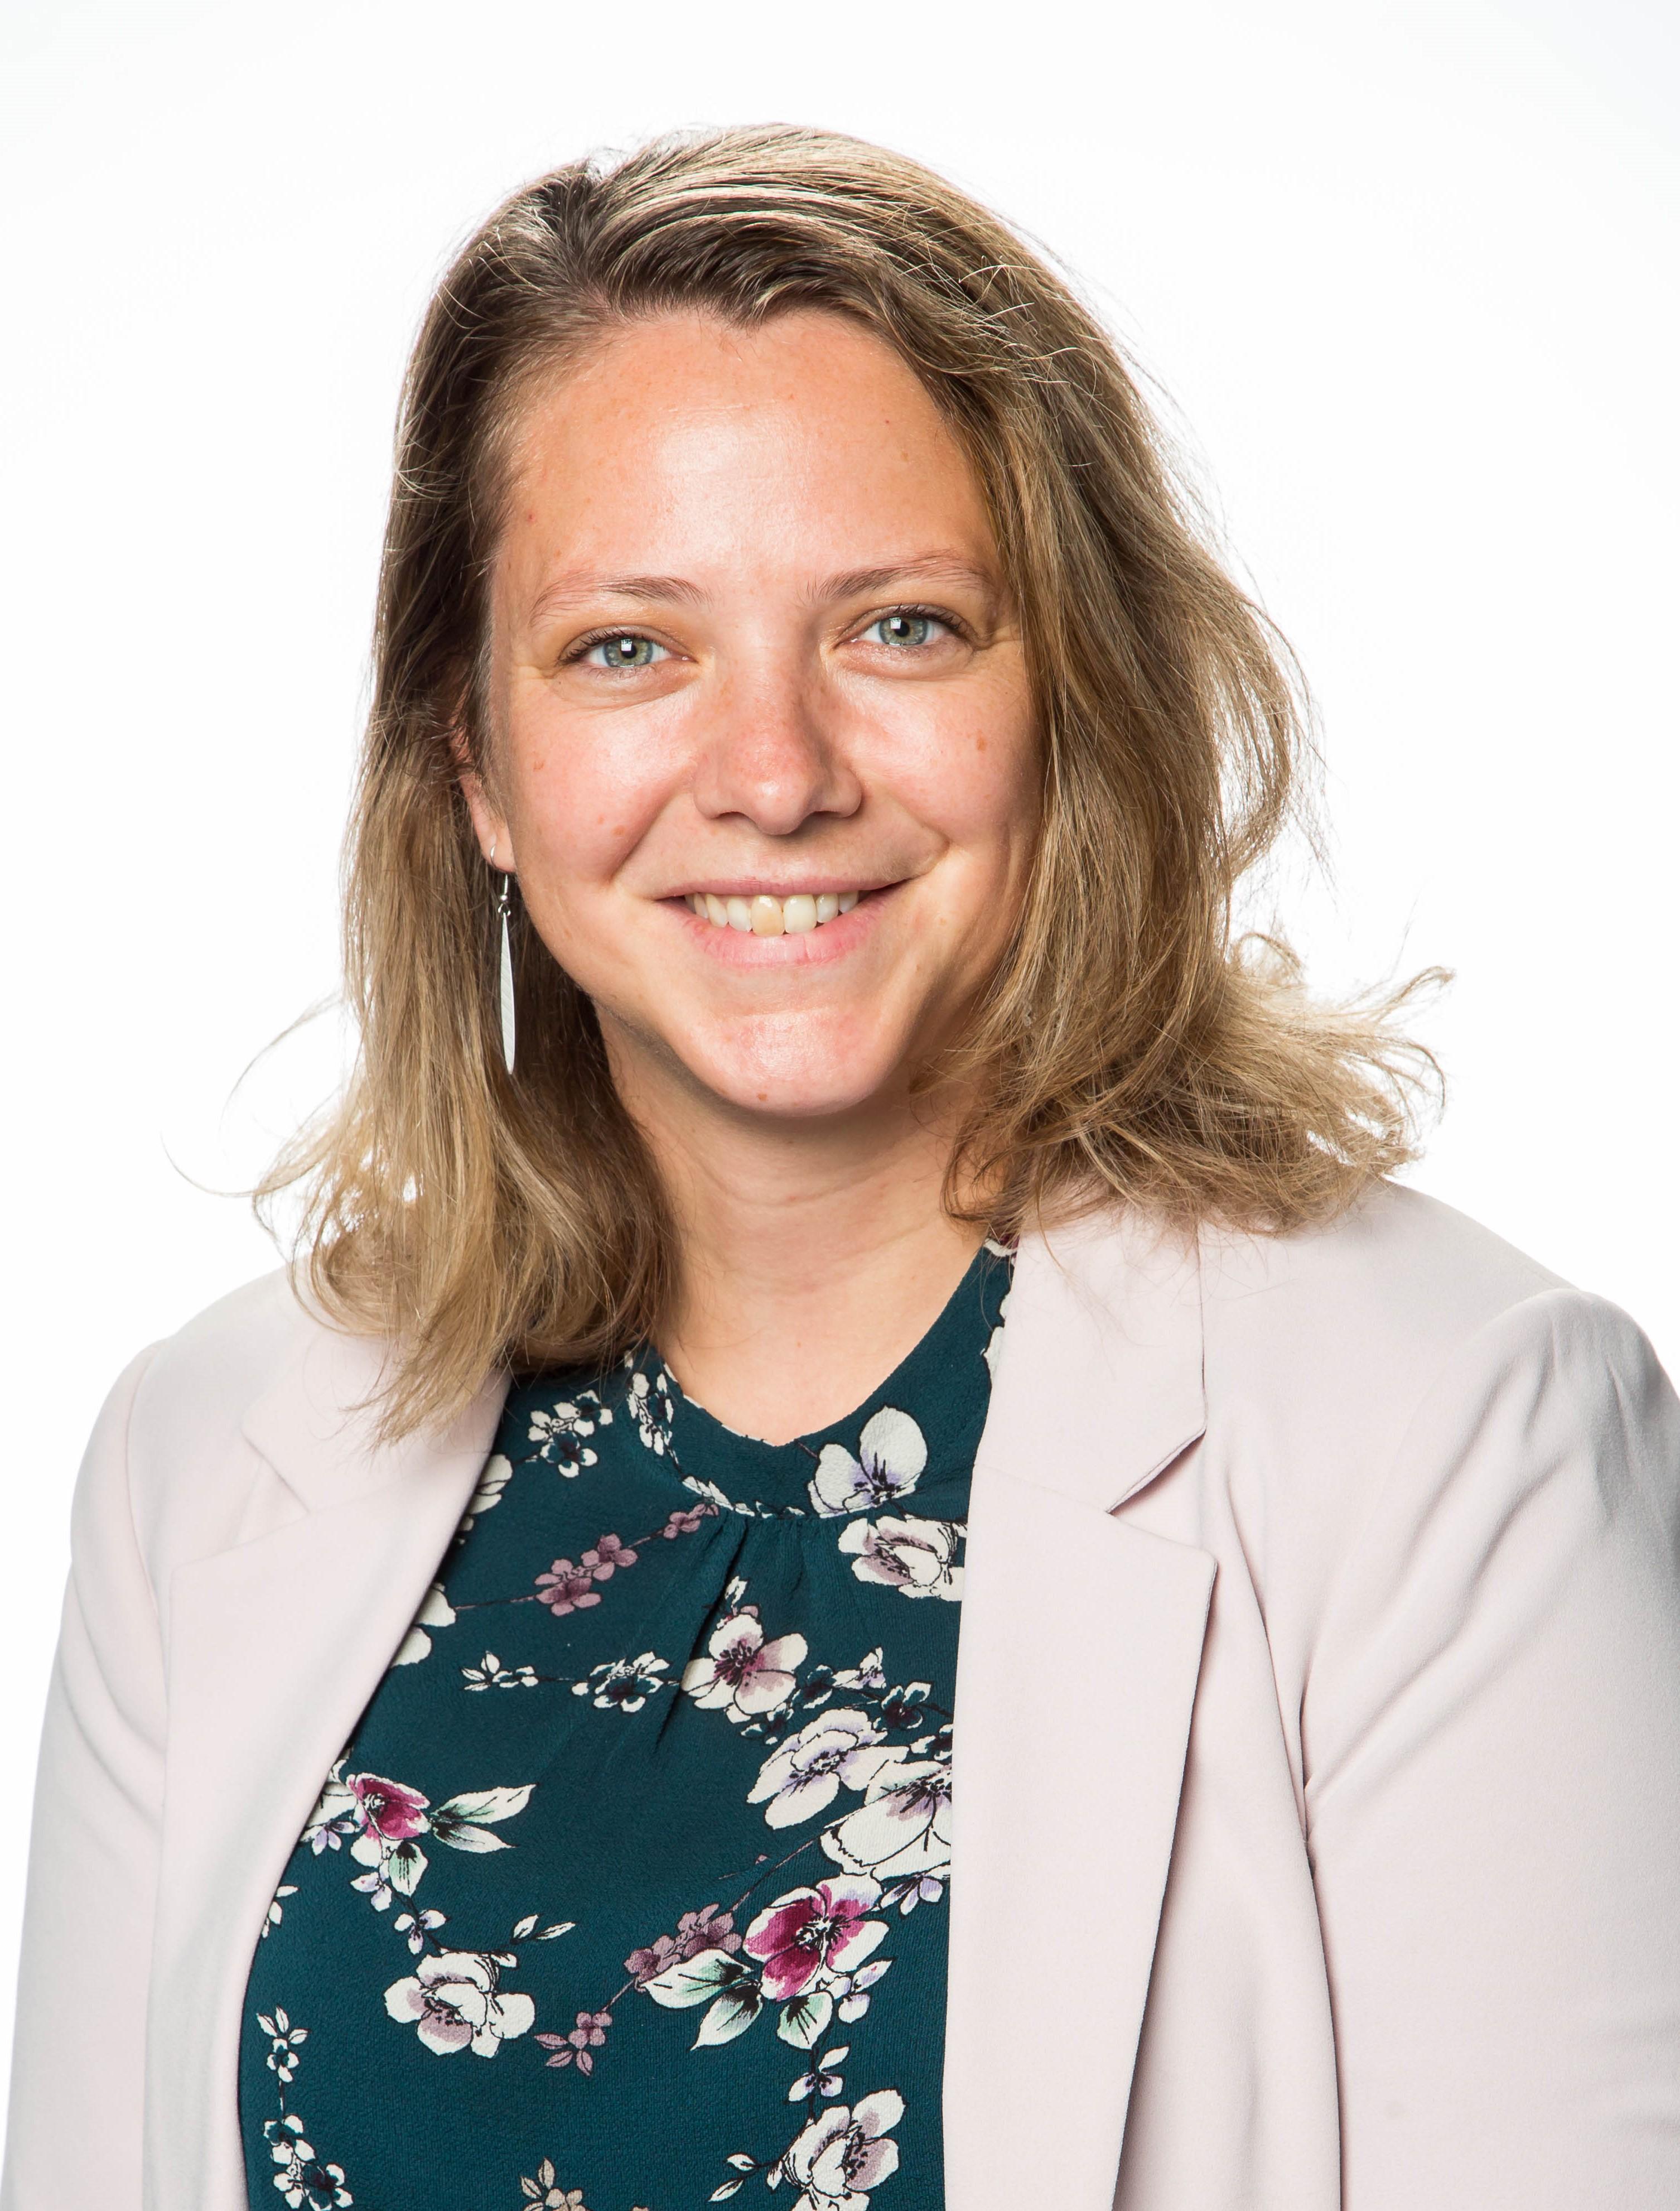 Suzan de Boer, PhD